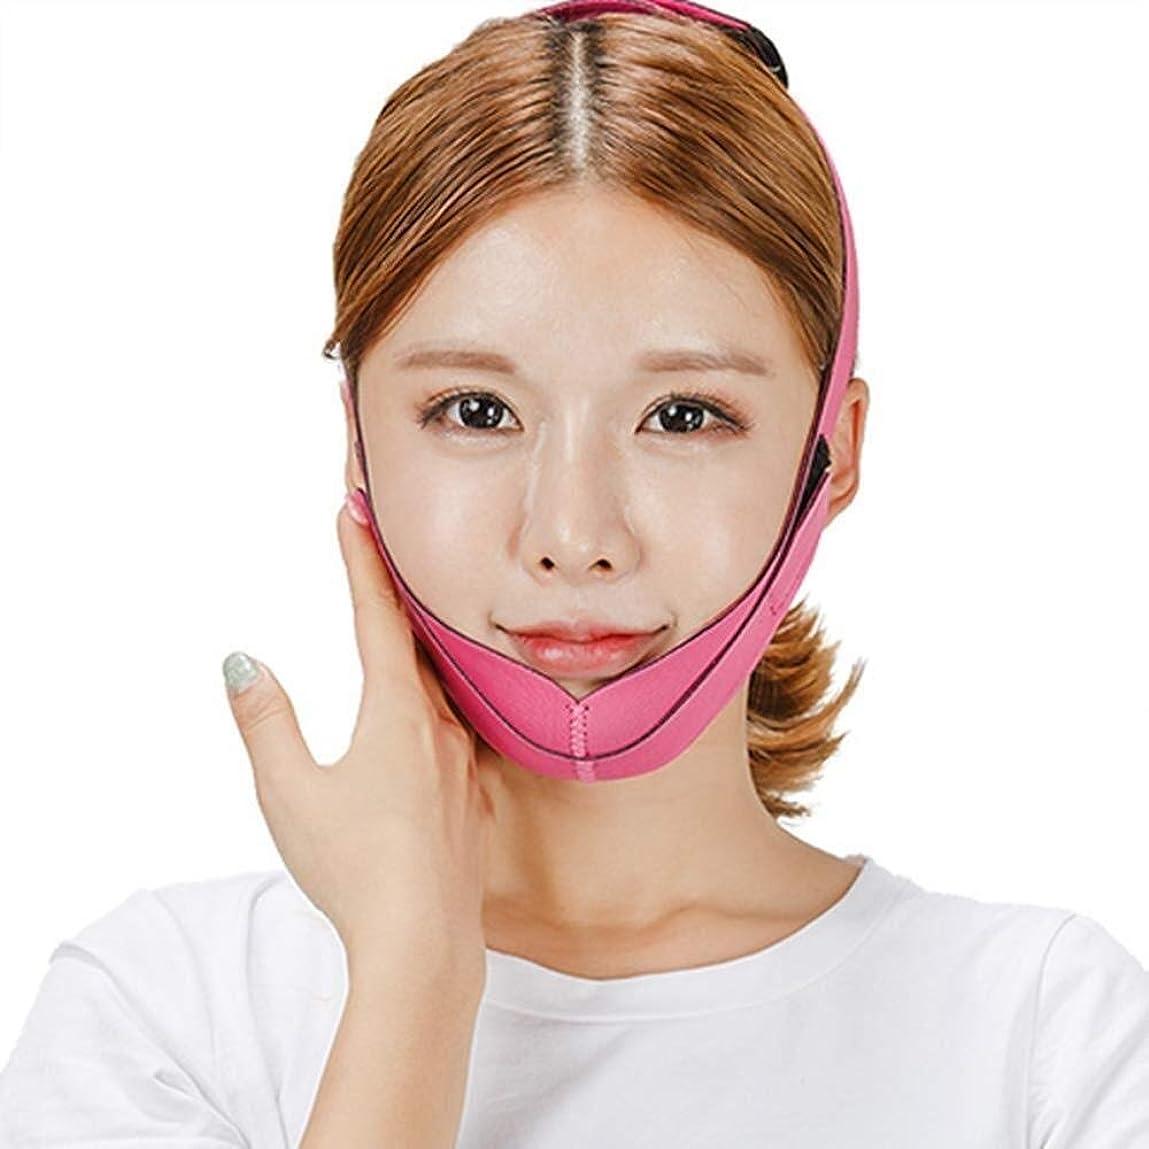 チャップストレスの多い簡単にJN 二重あご減速リフティングファーミングクリームフェイスリフト睡眠包帯とフェイスリフトベルト、V-顔 たるみ防止マスク